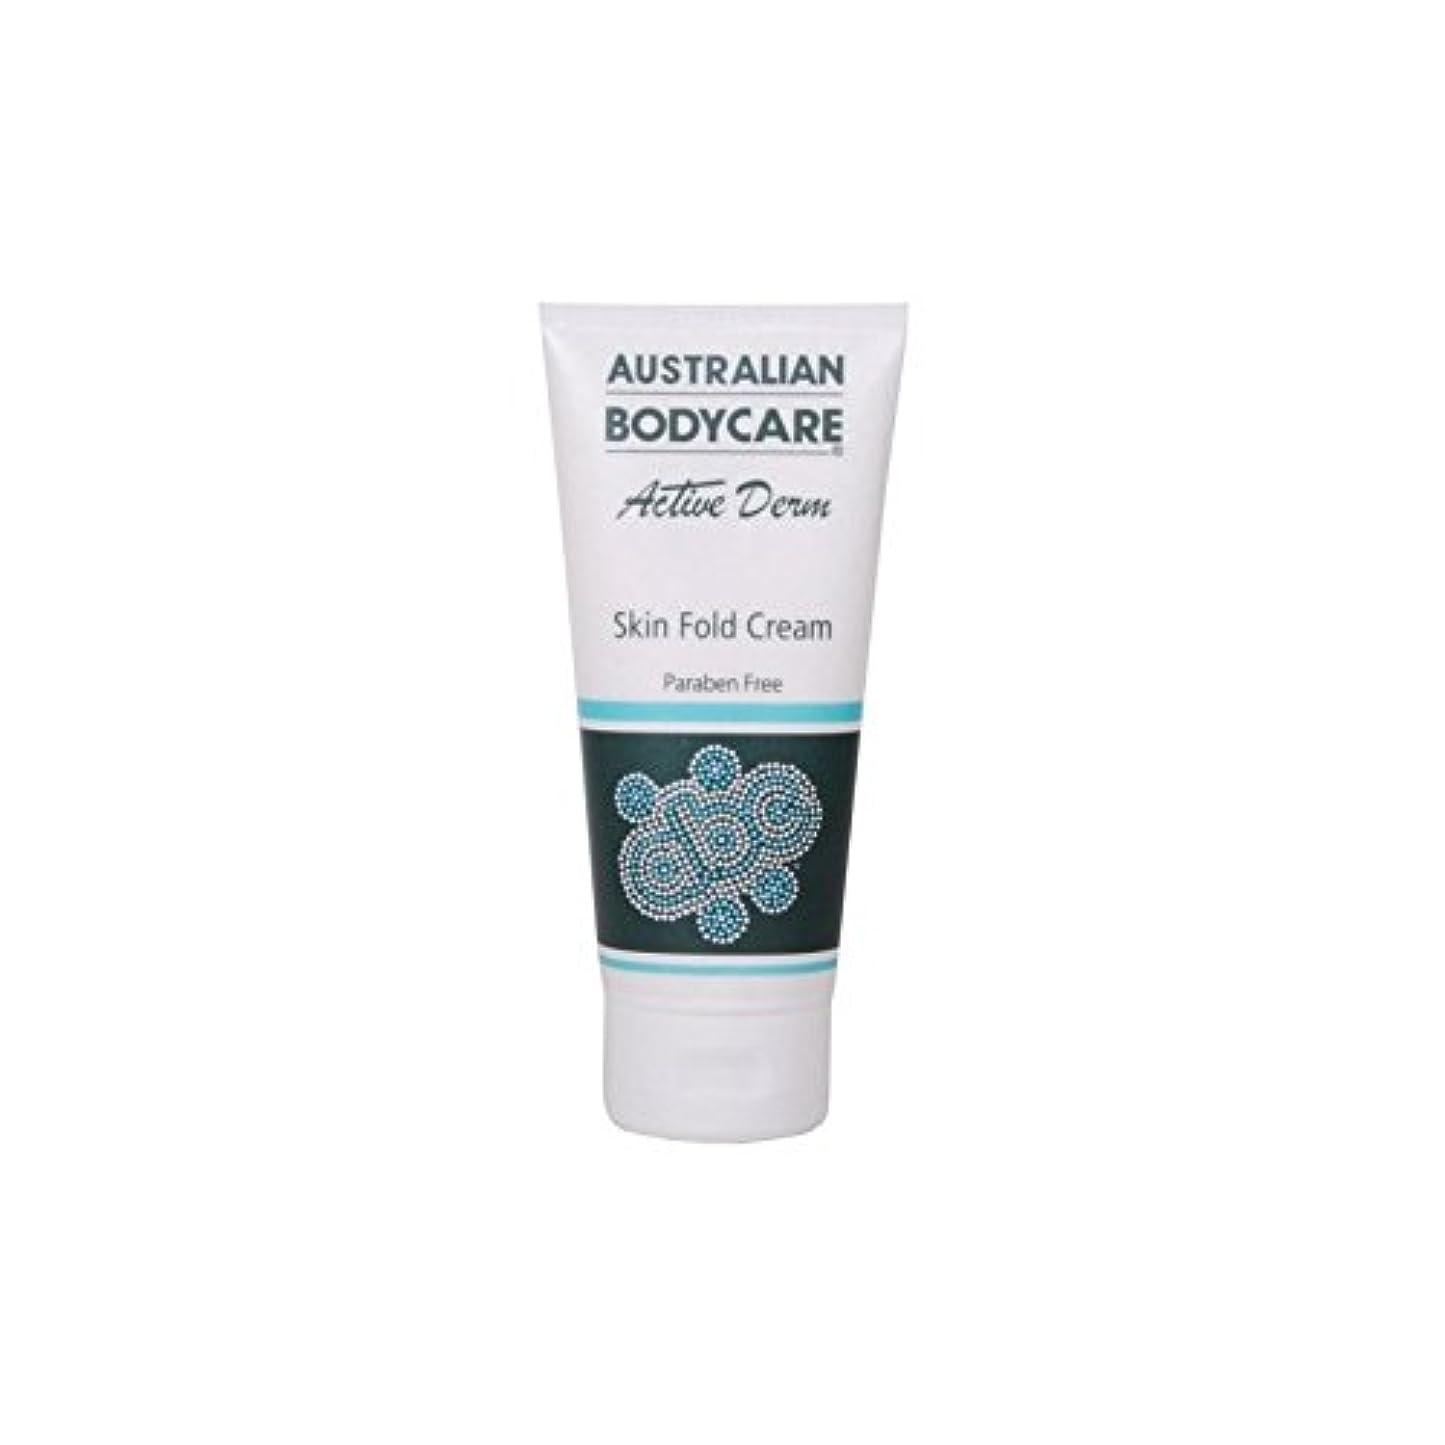 ハンカチ浴室祖父母を訪問Australian Bodycare Active Derm Skin Fold Cream (100ml) (Pack of 6) - オーストラリアのボディケアアクティブダーム皮膚のひだクリーム(100ミリリットル...